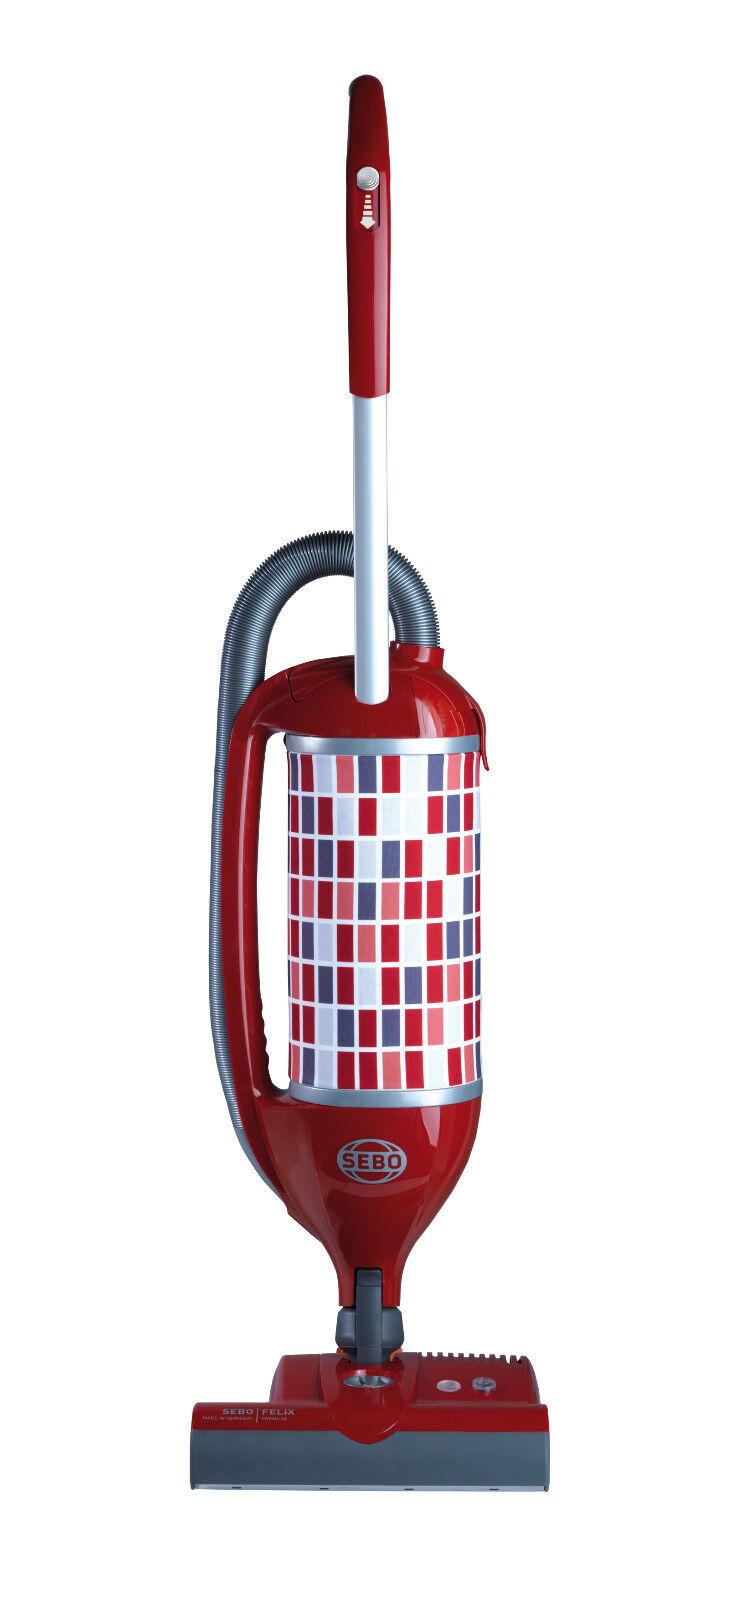 Sebo Felix 1 Premium rouge Nouveau Modèle Mit 8 Sacs et 4 Jahre Garantie